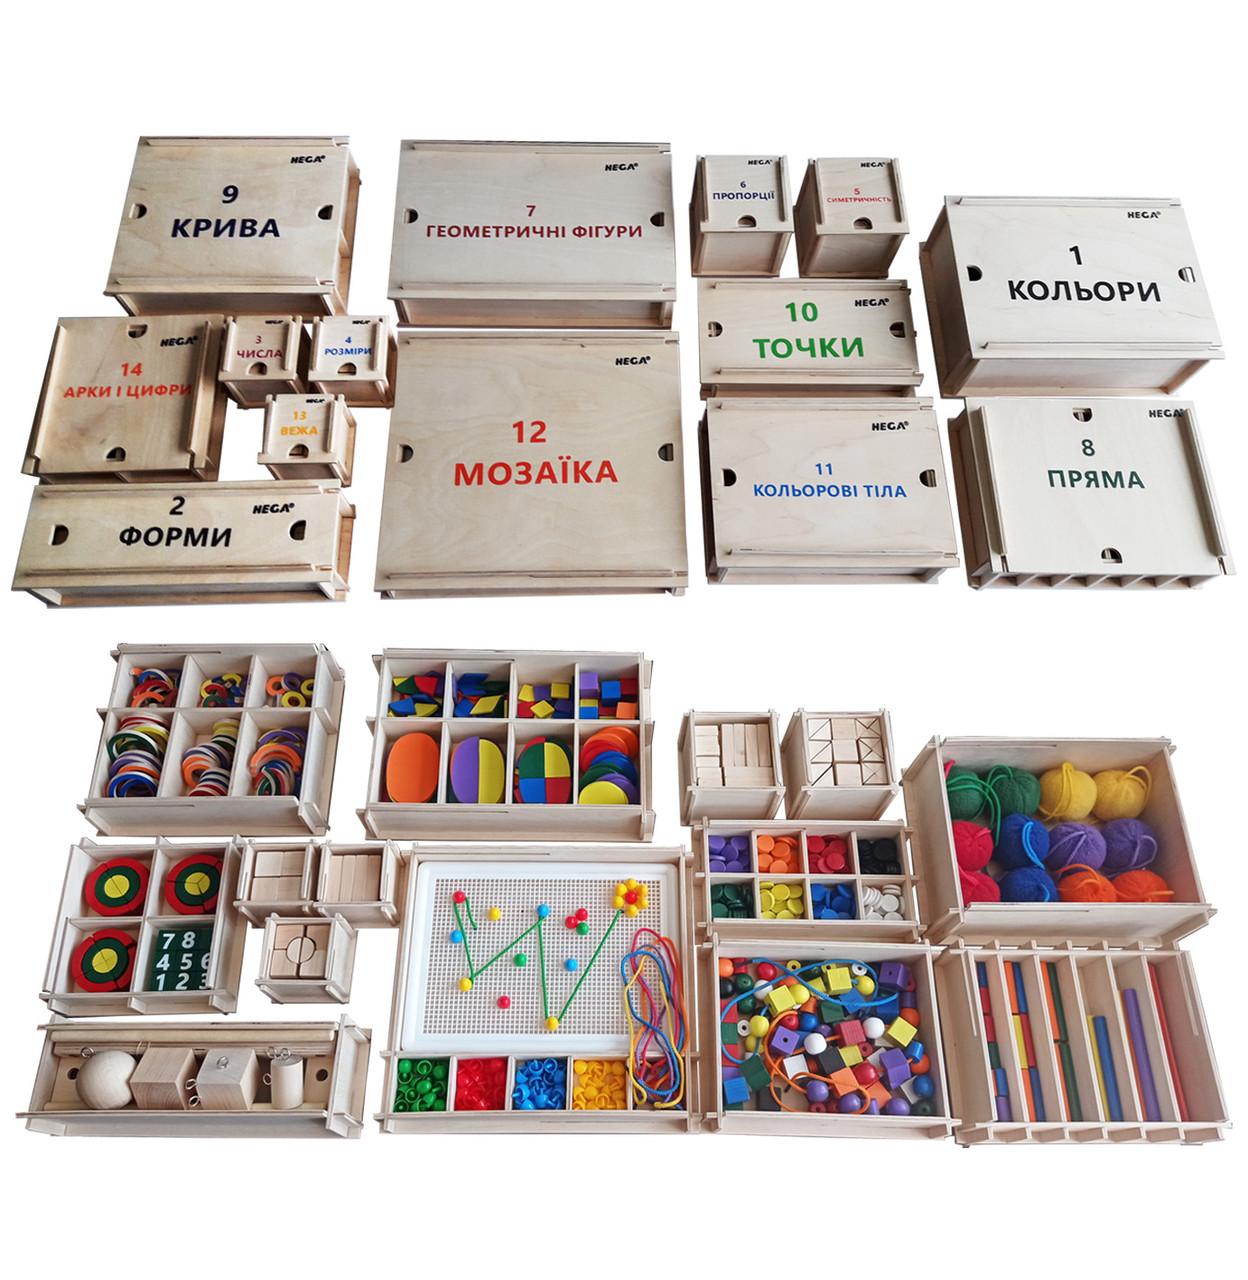 Повний дидактичний набір Фребеля Hega 14 коробок з повним методичним посібником (243)